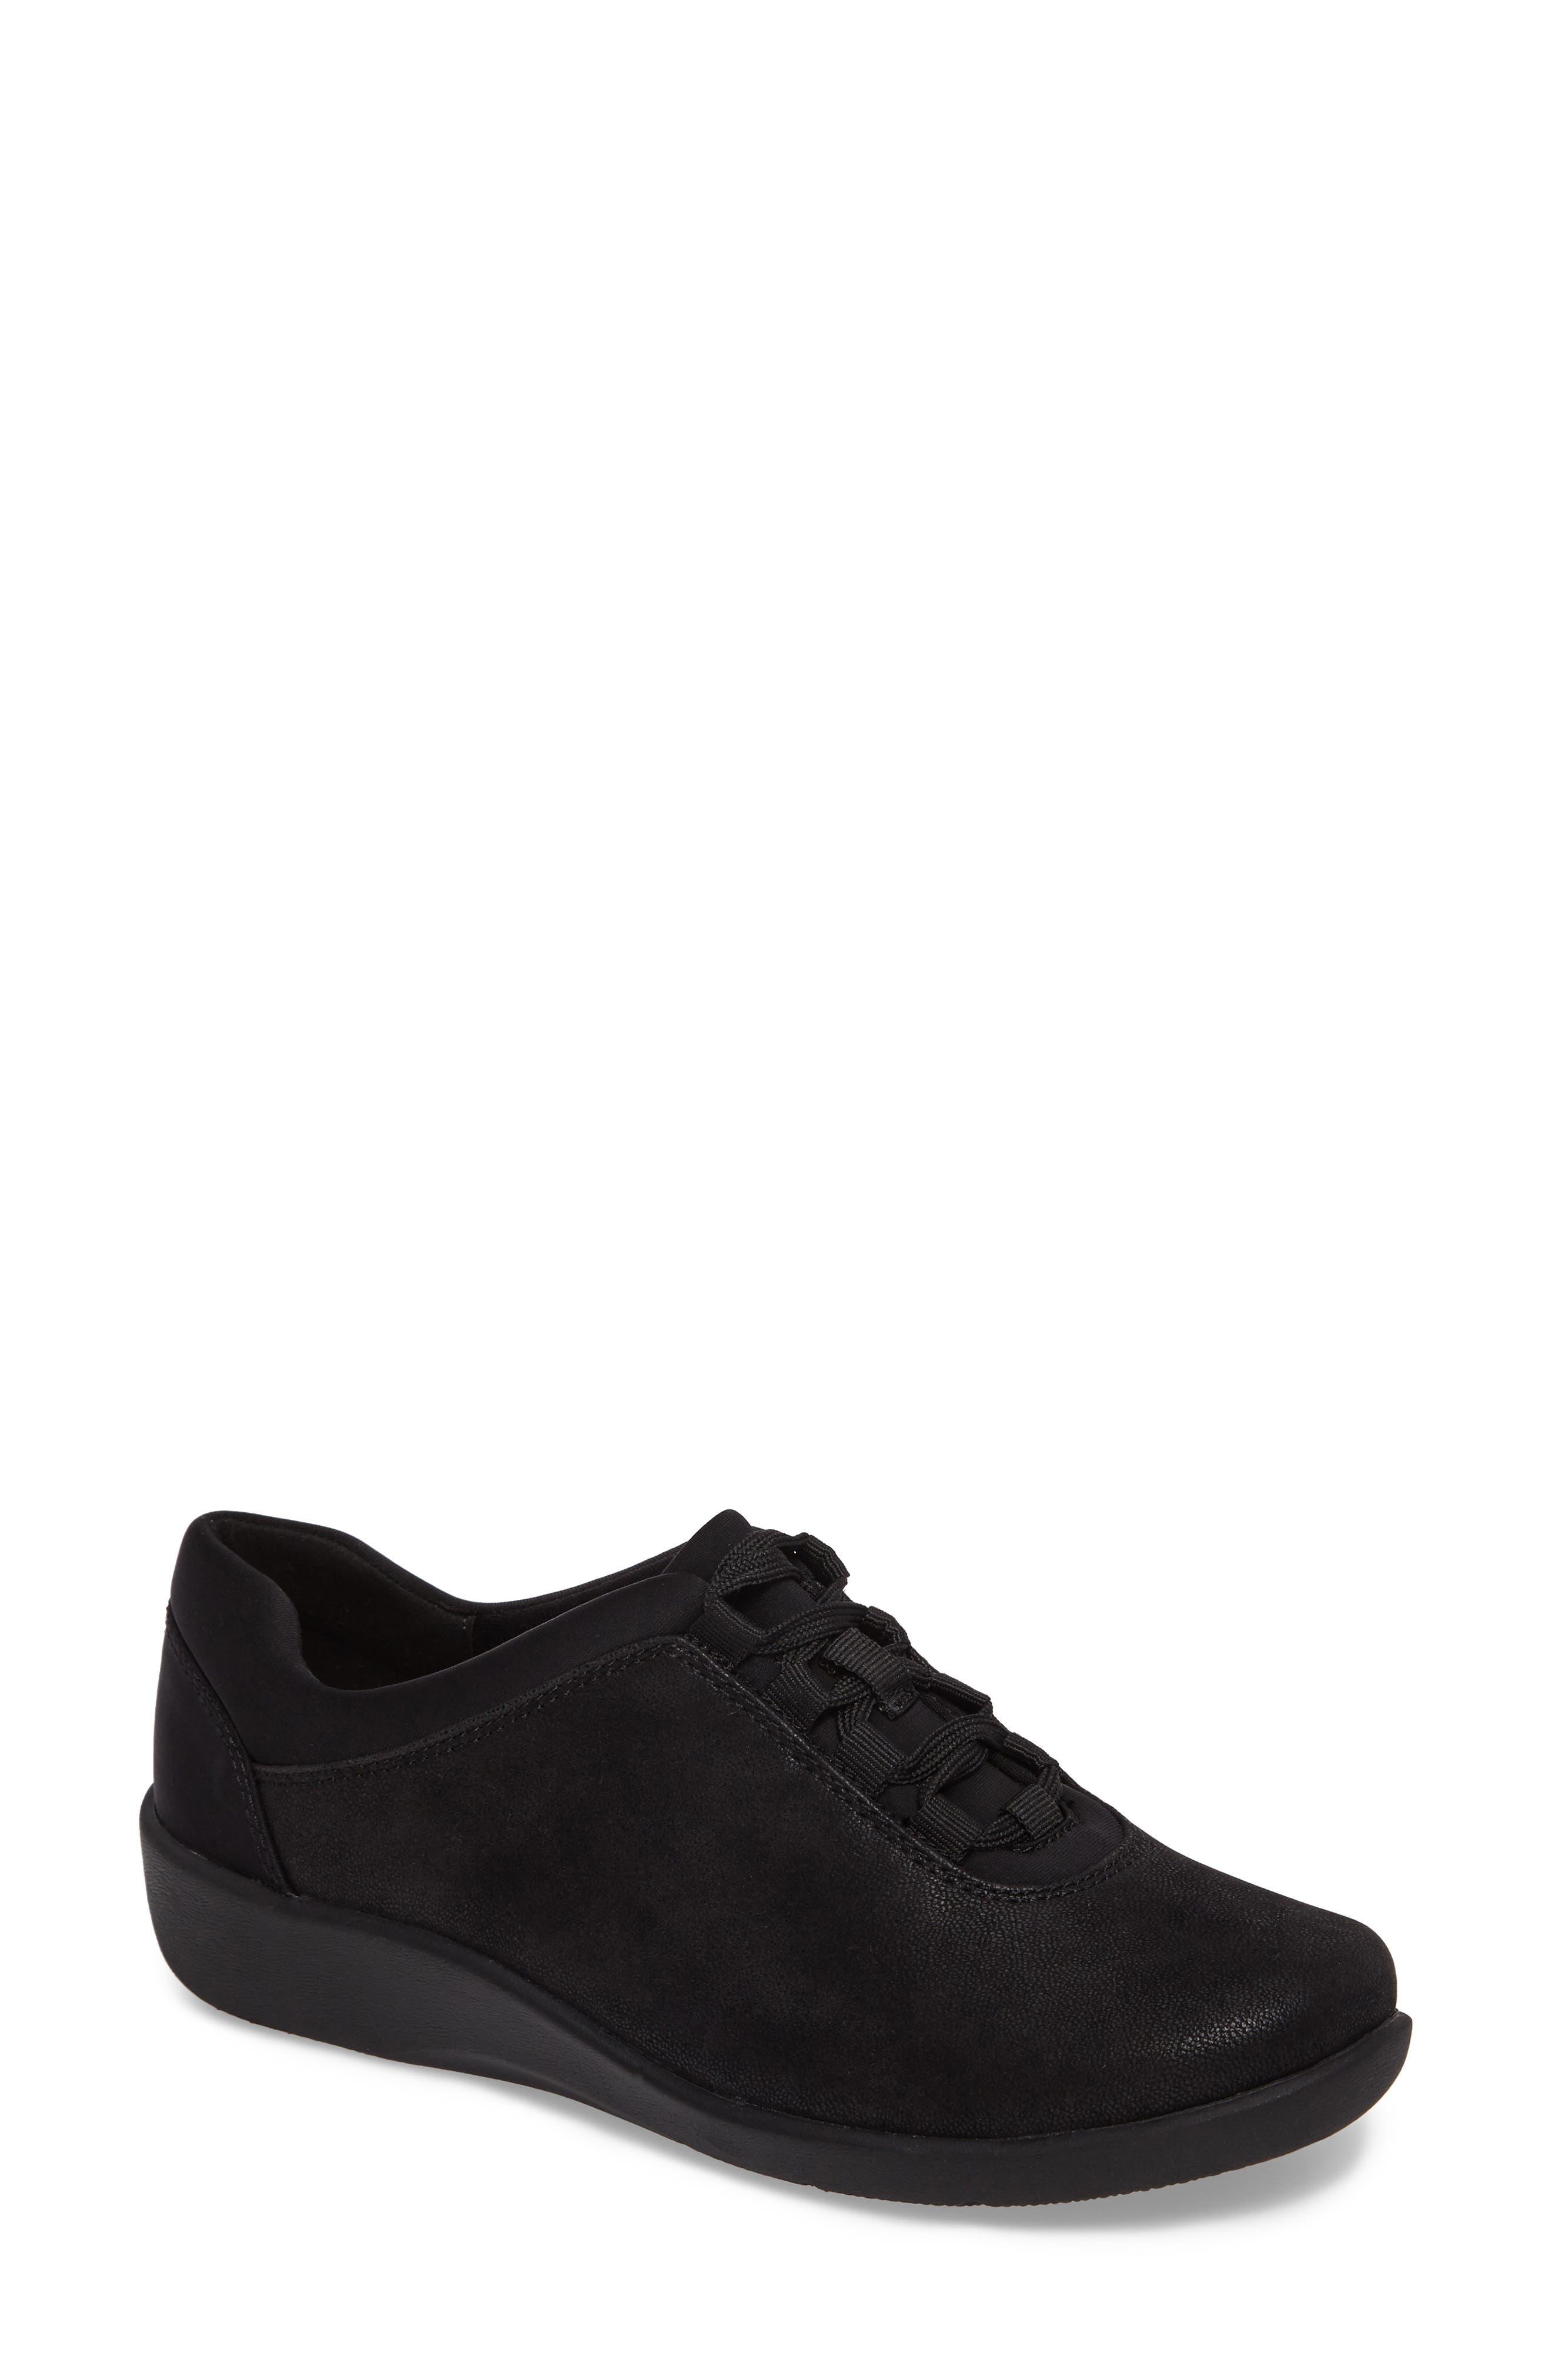 Main Image - Clarks® Sillian Pine Sneaker (Women)